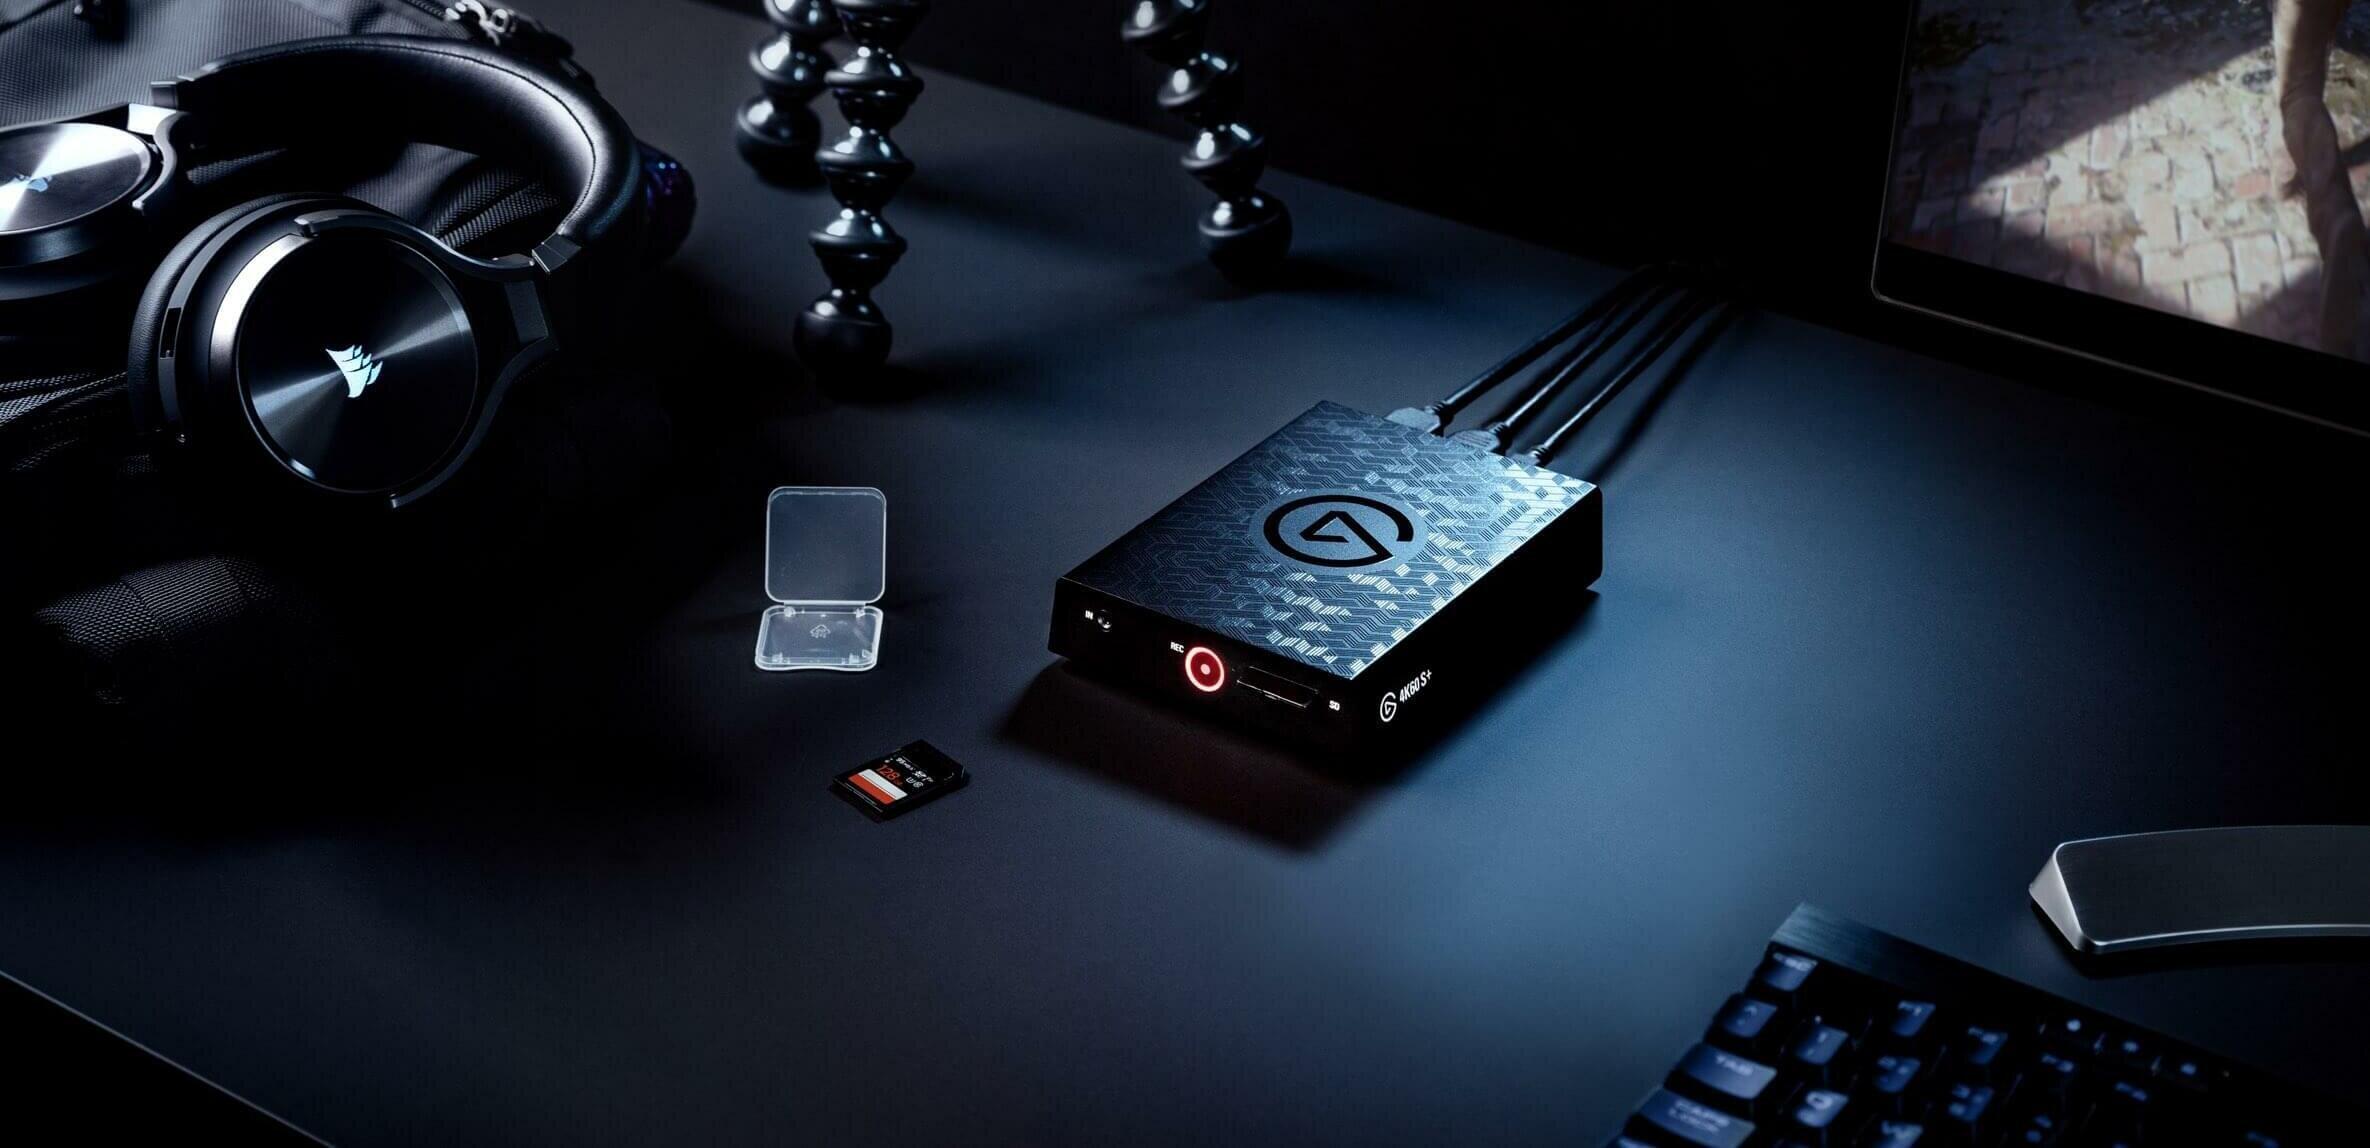 4K60 S+ : Elgato passe à la capture 4K HDR10 (HEVC) autonome et à l'USB Type-C